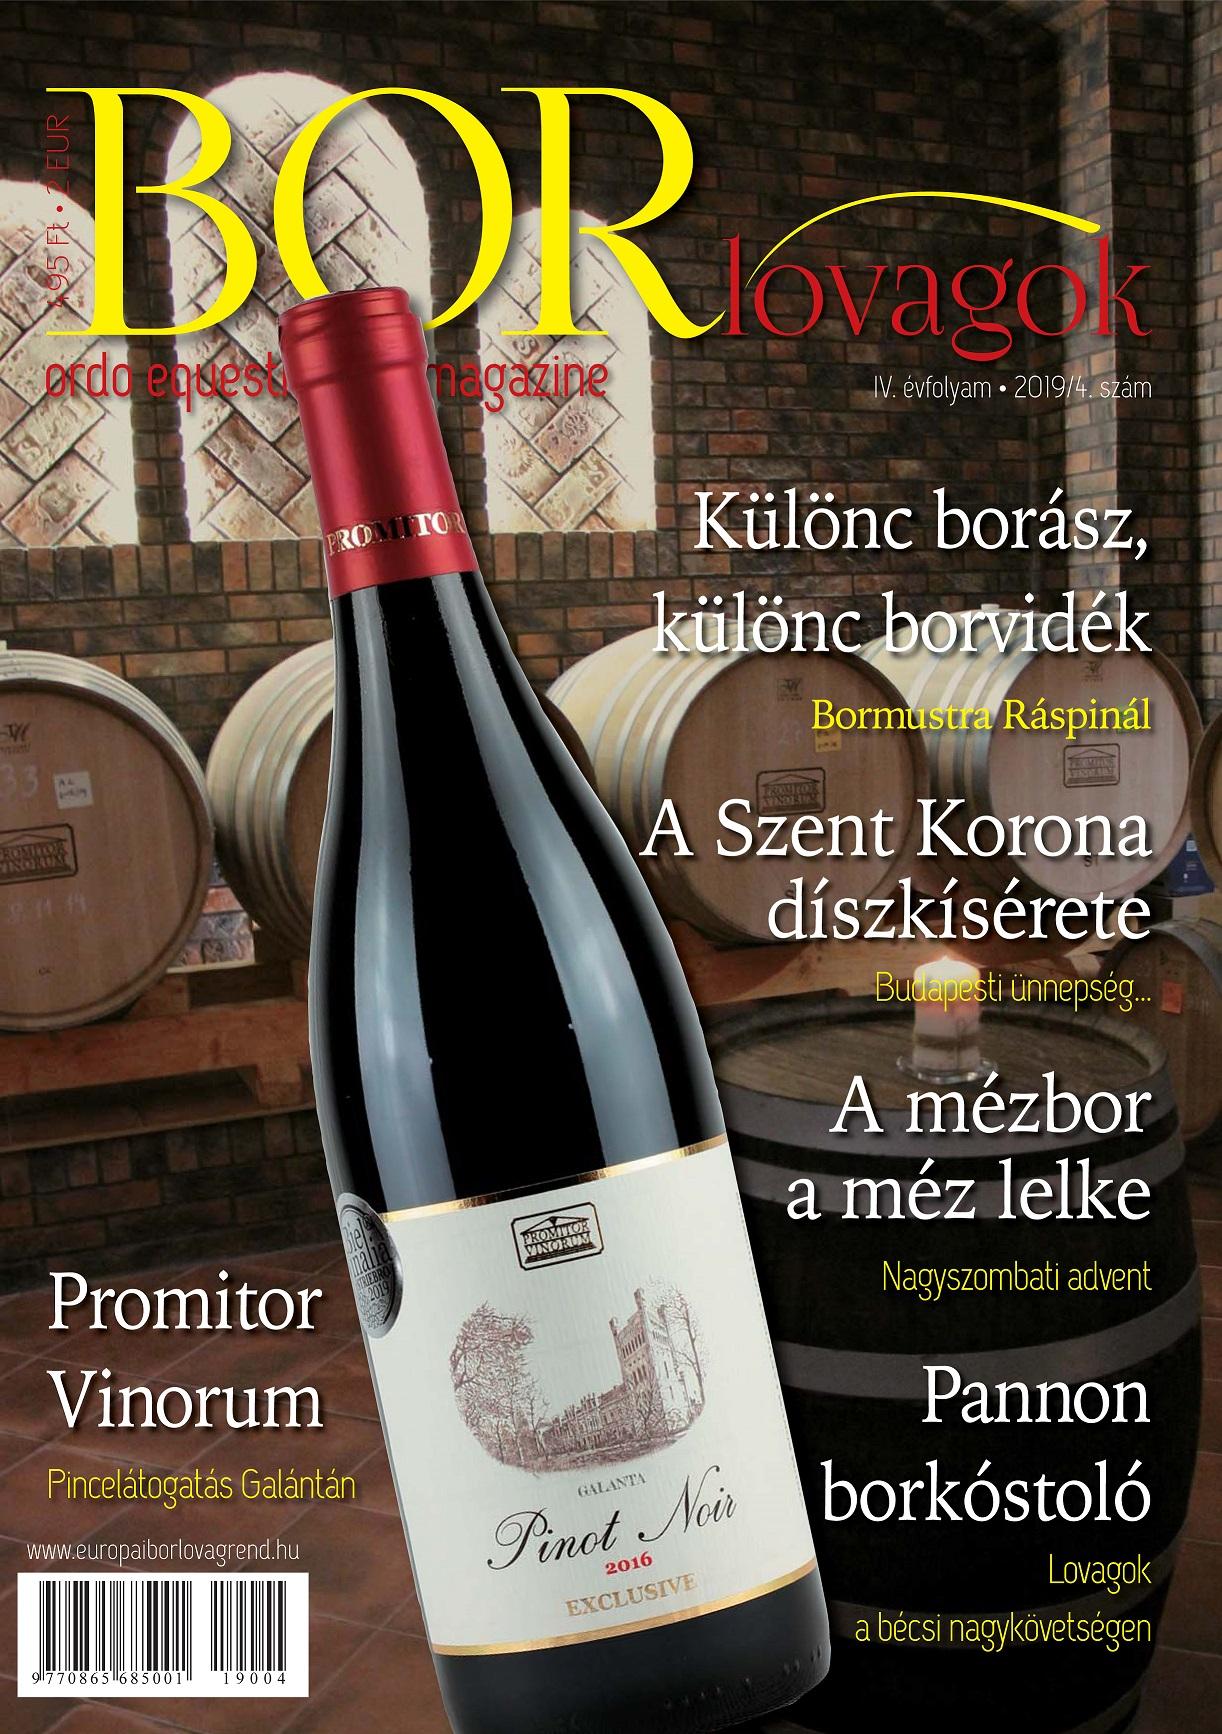 MEGJELENT A BORLOVAGOK Magazin 2019/4